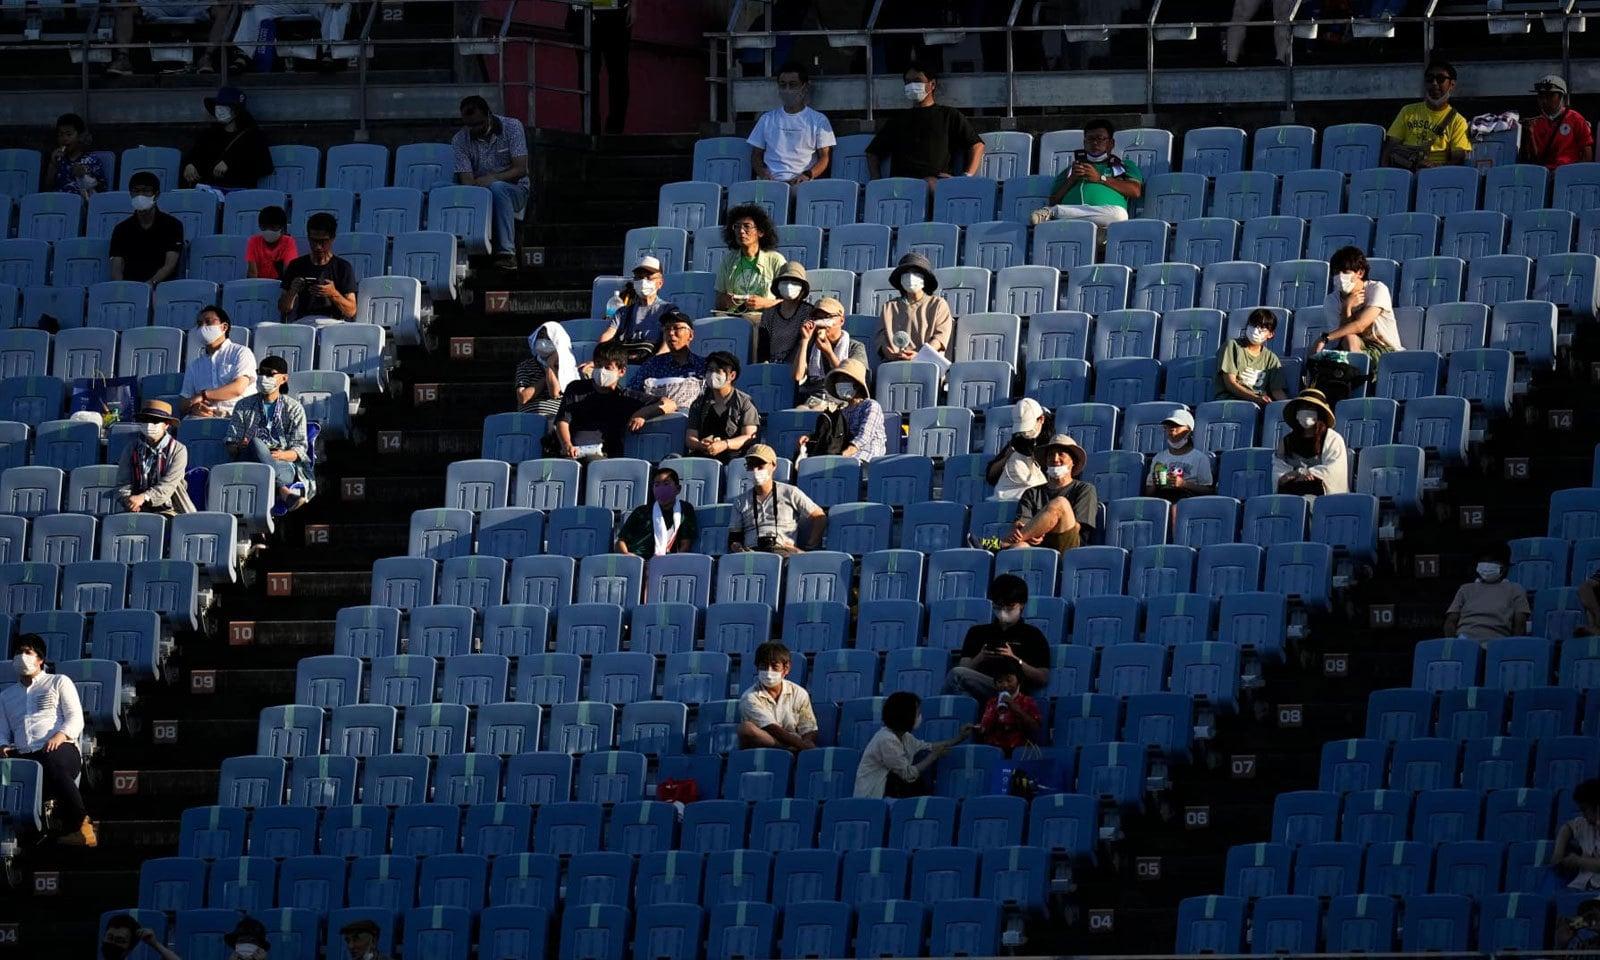 فٹ بال کے مقابلے میں انتہائی محدود تعداد میں شائقین کو داخلے کی اجازت دی گئی— فوٹو: اے پی